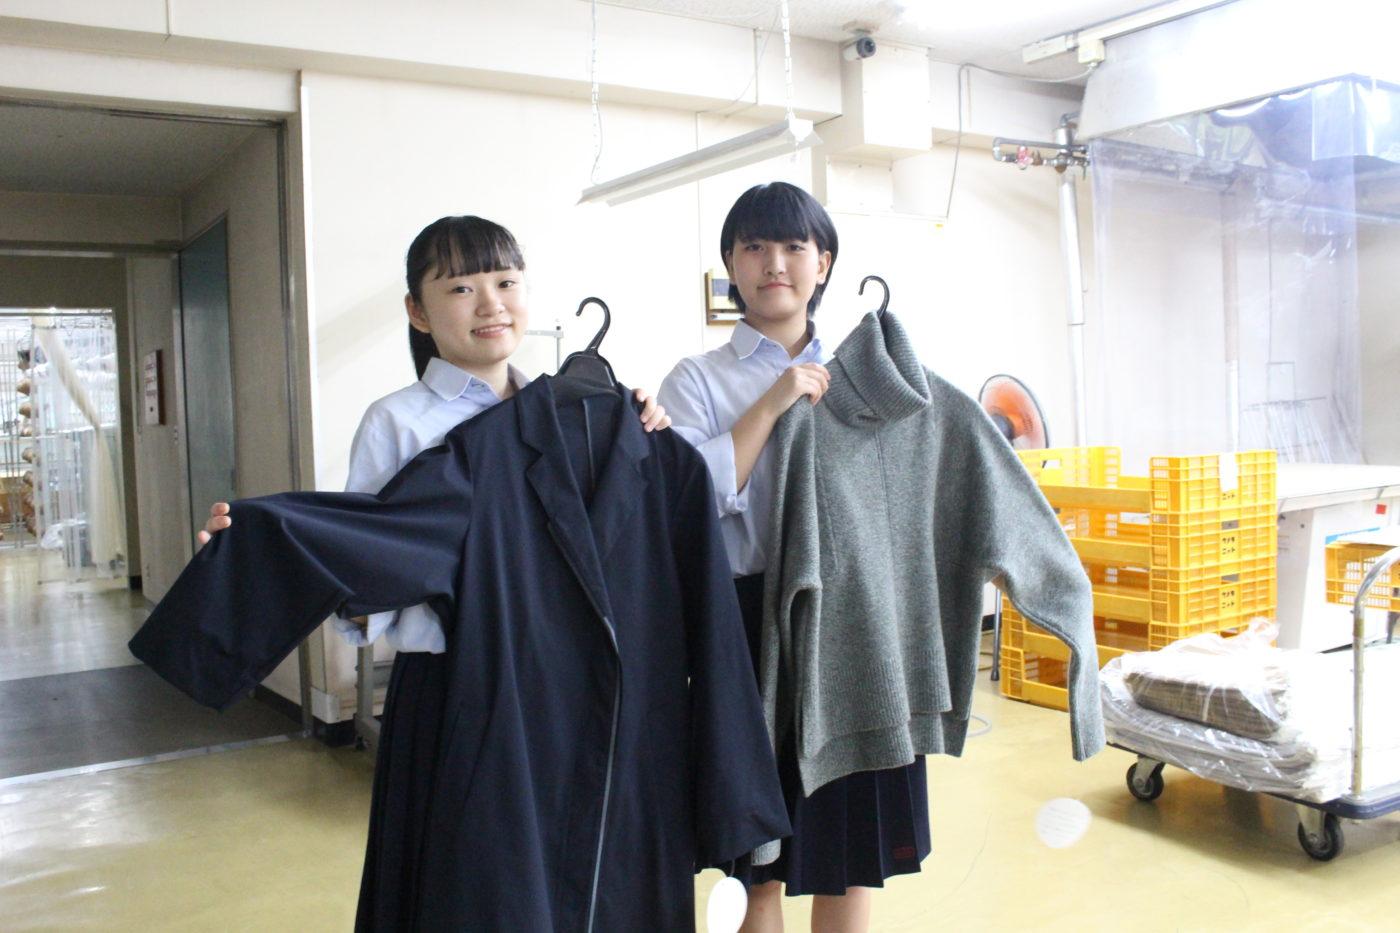 IMG_1396五泉高校生とニット工場で撮影4